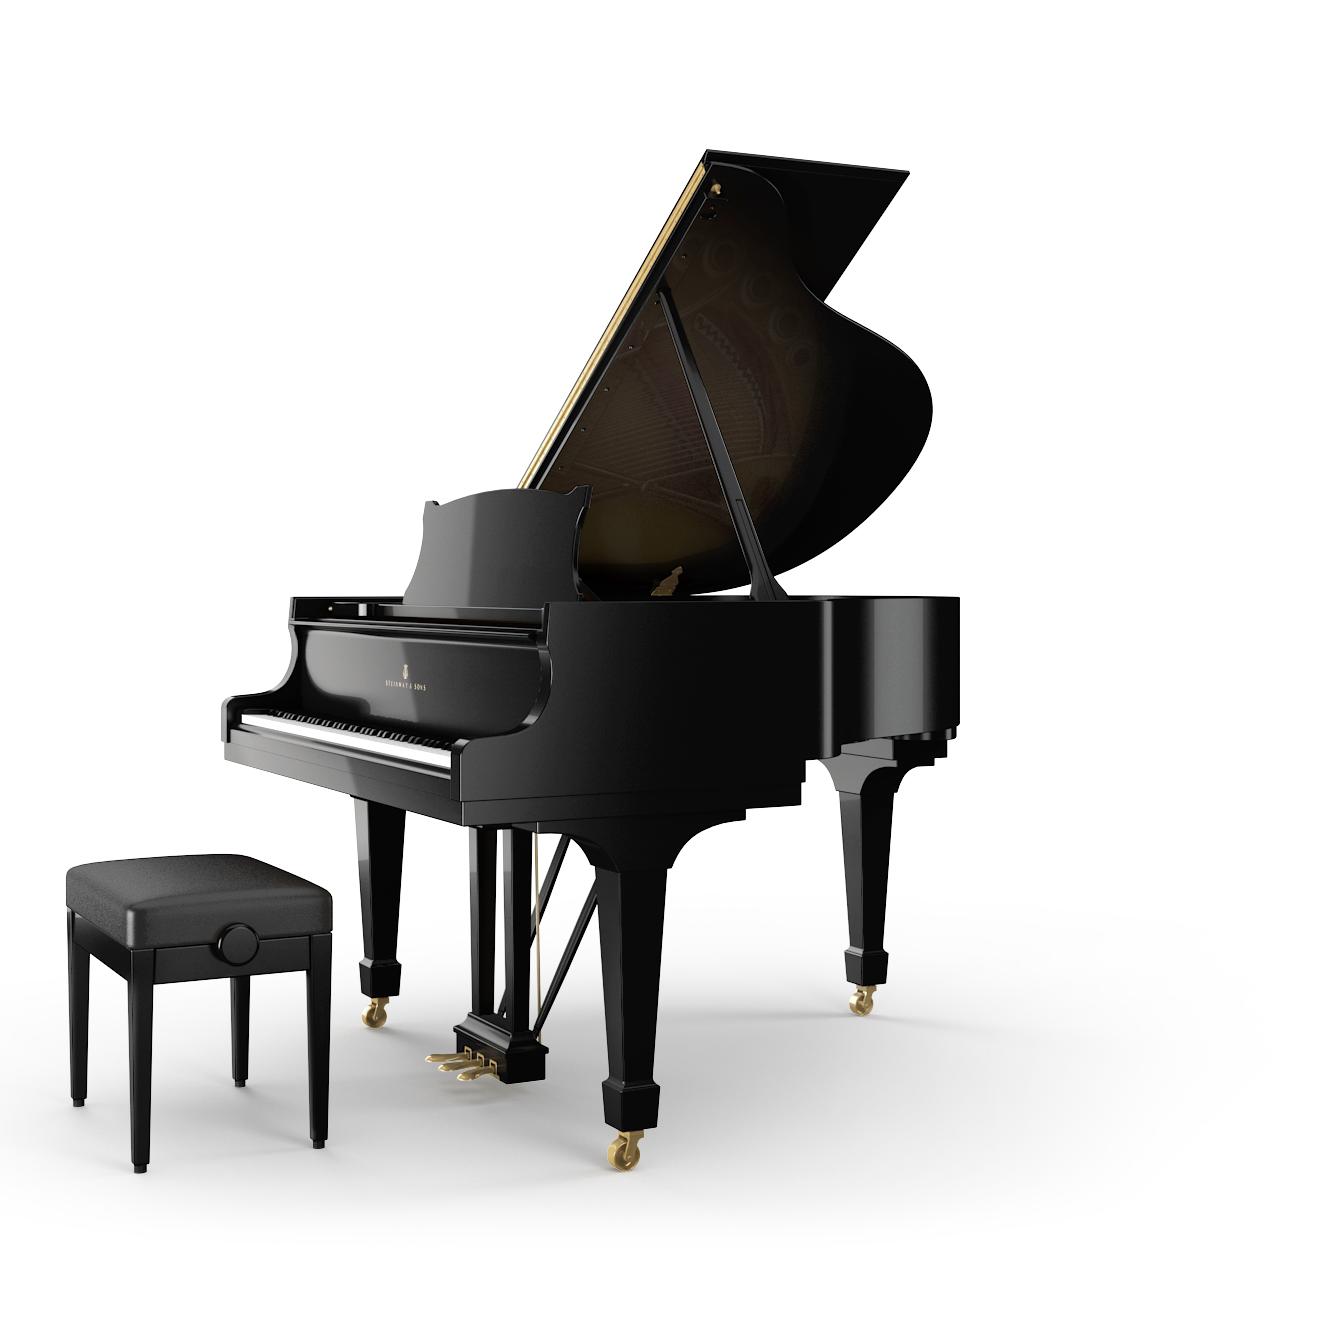 Pianoforte Steinway S-155 Alberto Napolitano Pianoforti Napoli